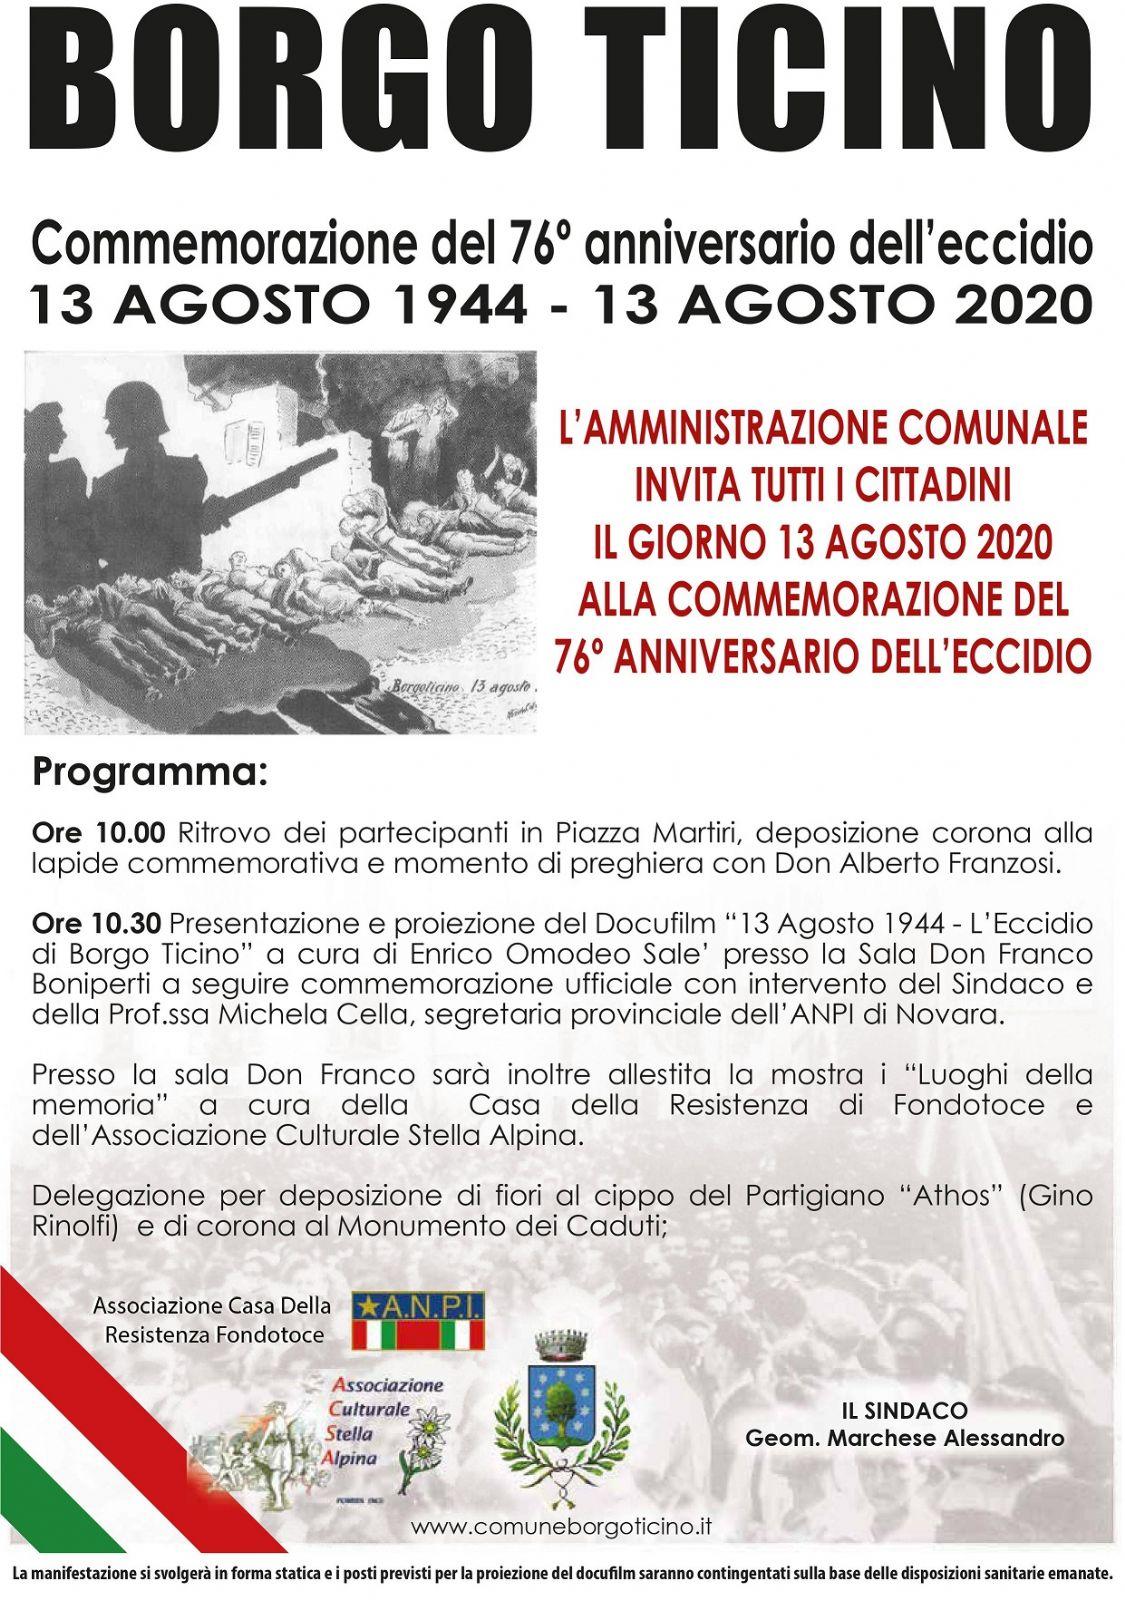 COMMEMORAZIONE DEL 76° ECCIDIO 13 AGOSTO 1944-13 AGOSTO 2020